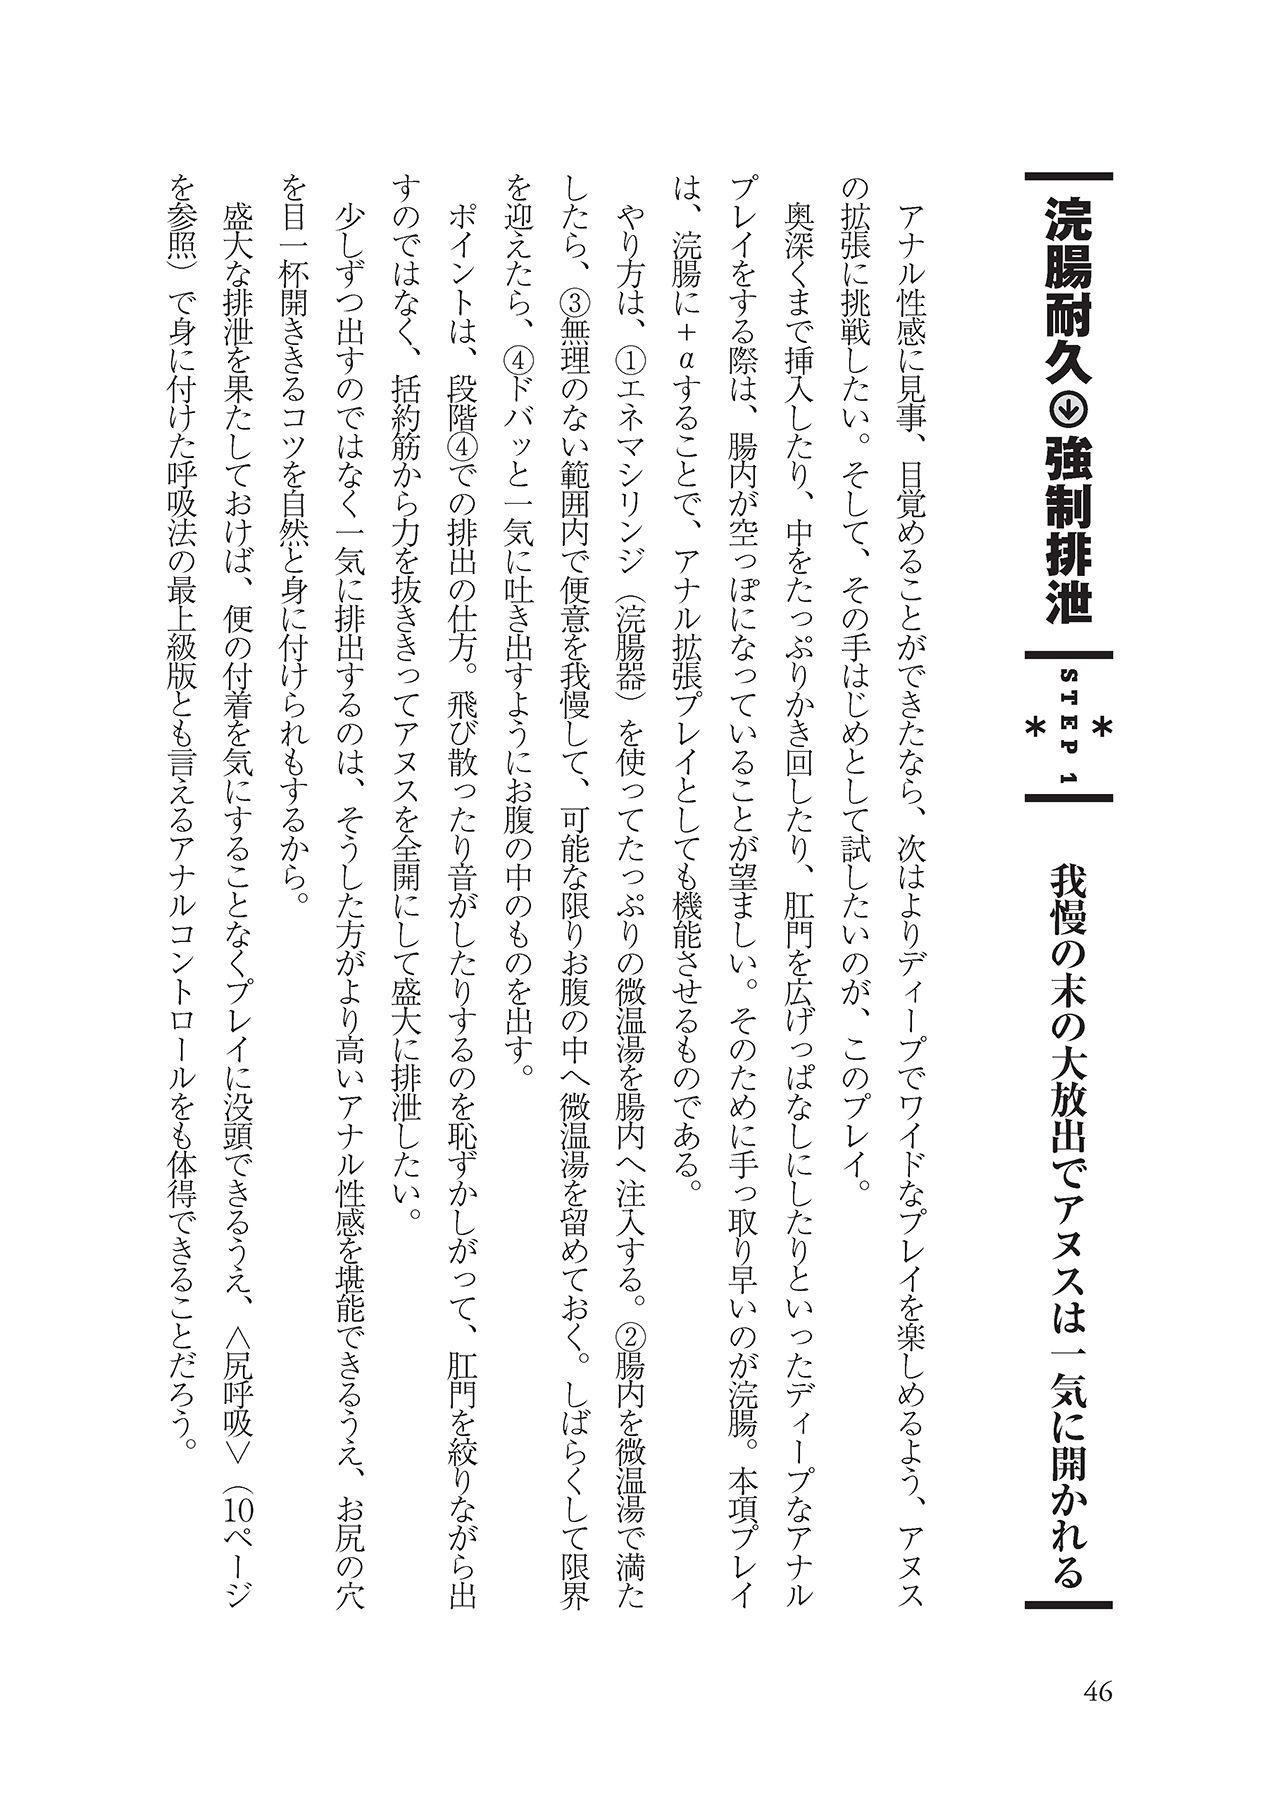 アナル性感開発・お尻エッチ 完全マニュアル 47